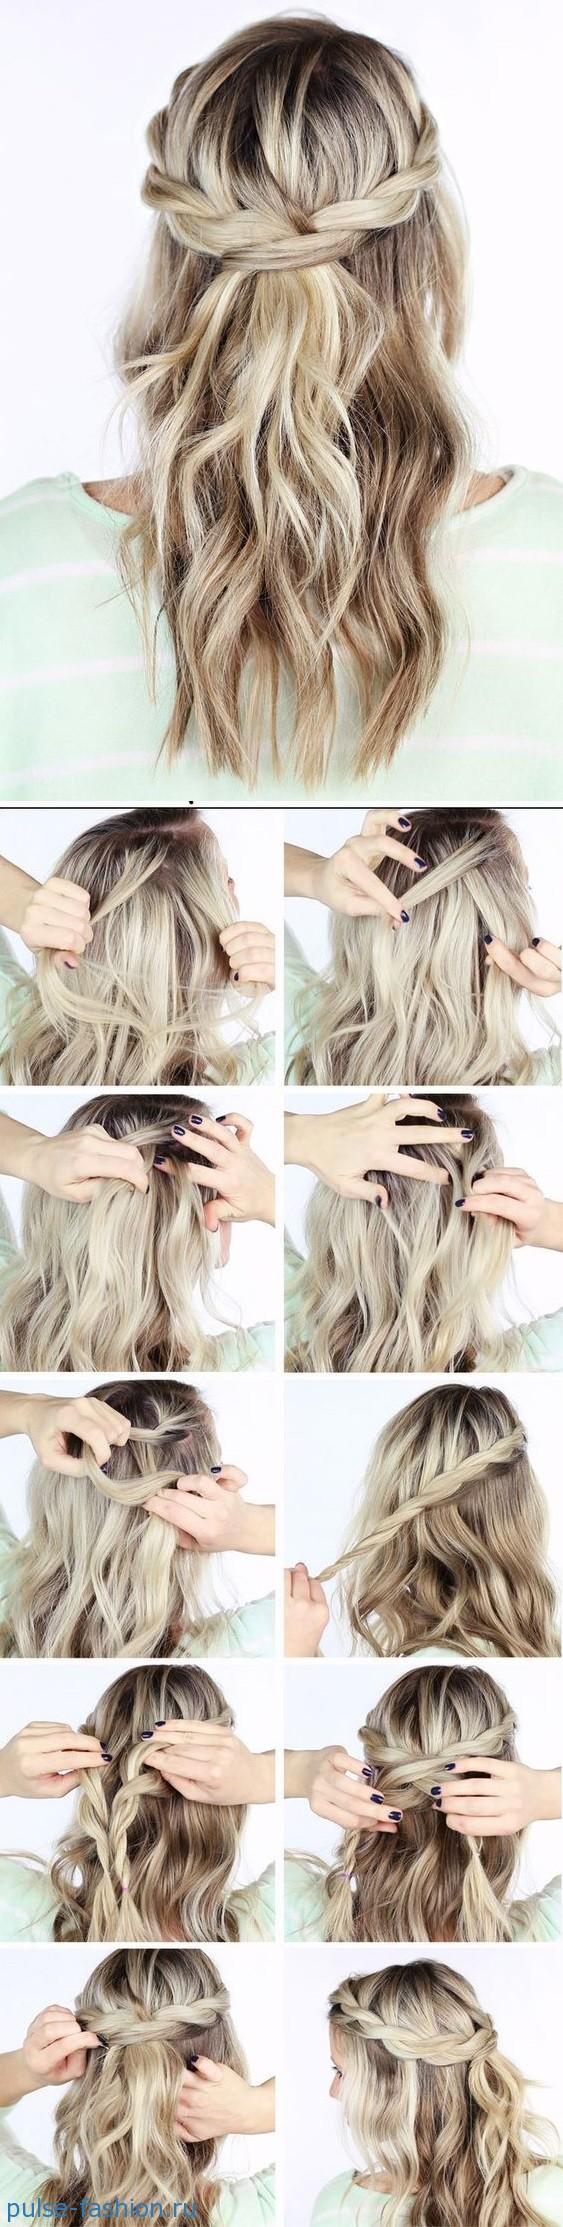 Прически с распущенными волосами фото и видео - Мой секрет 88